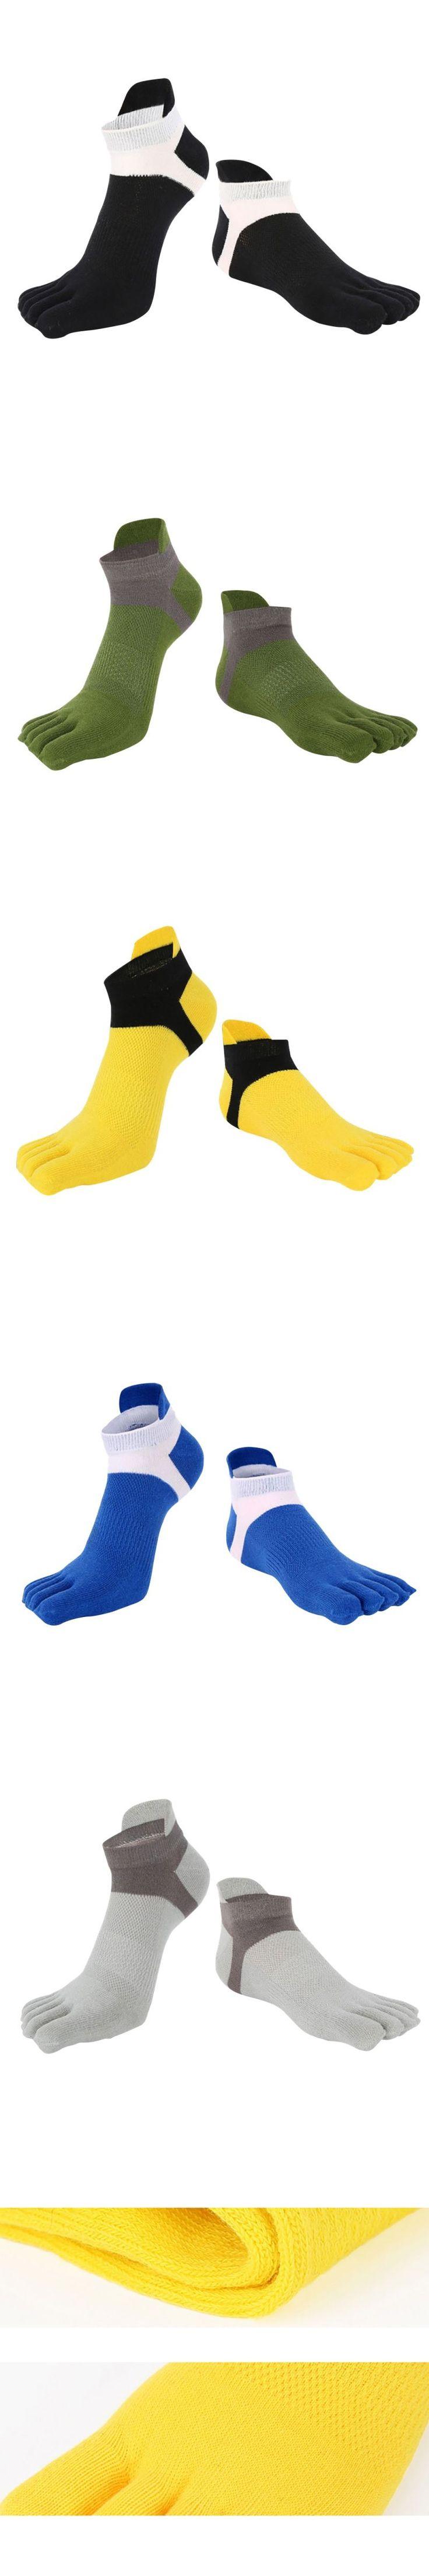 New Men's Cotton Five Finger Toe Socks Deportes Short Tube Mesh Finger Meias Polyester Sock Correr Elasticity Sock J2